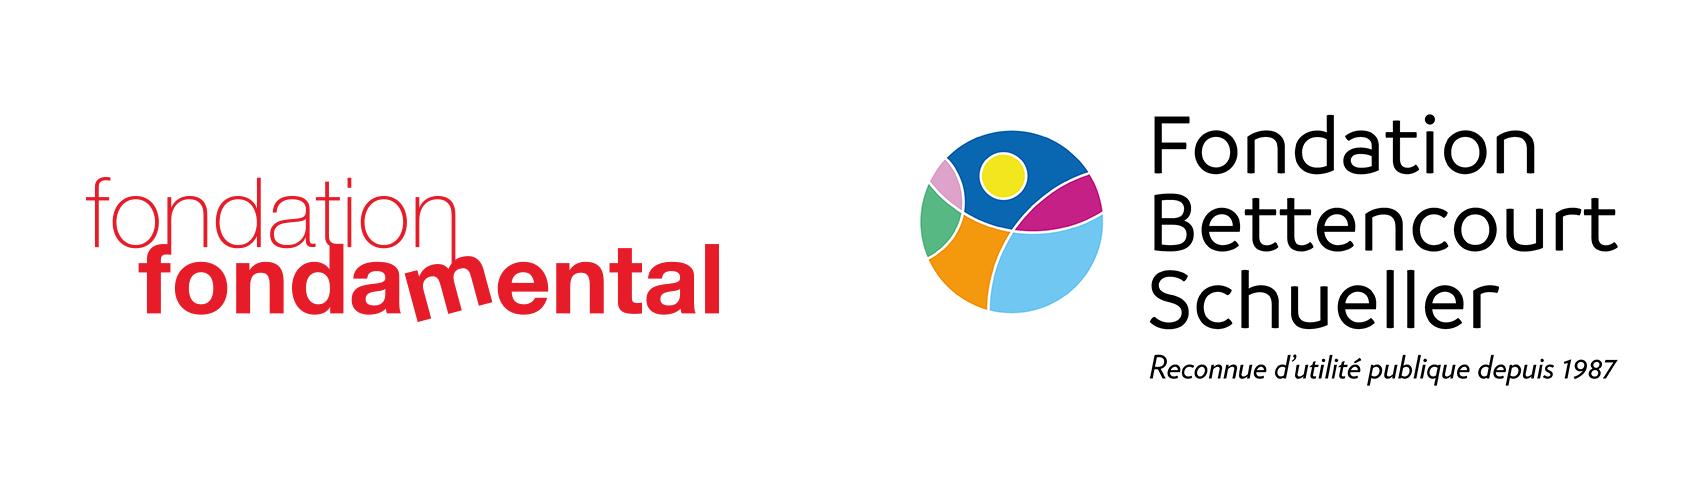 Logo Fondation FondaMental & Bettencourt Schueller